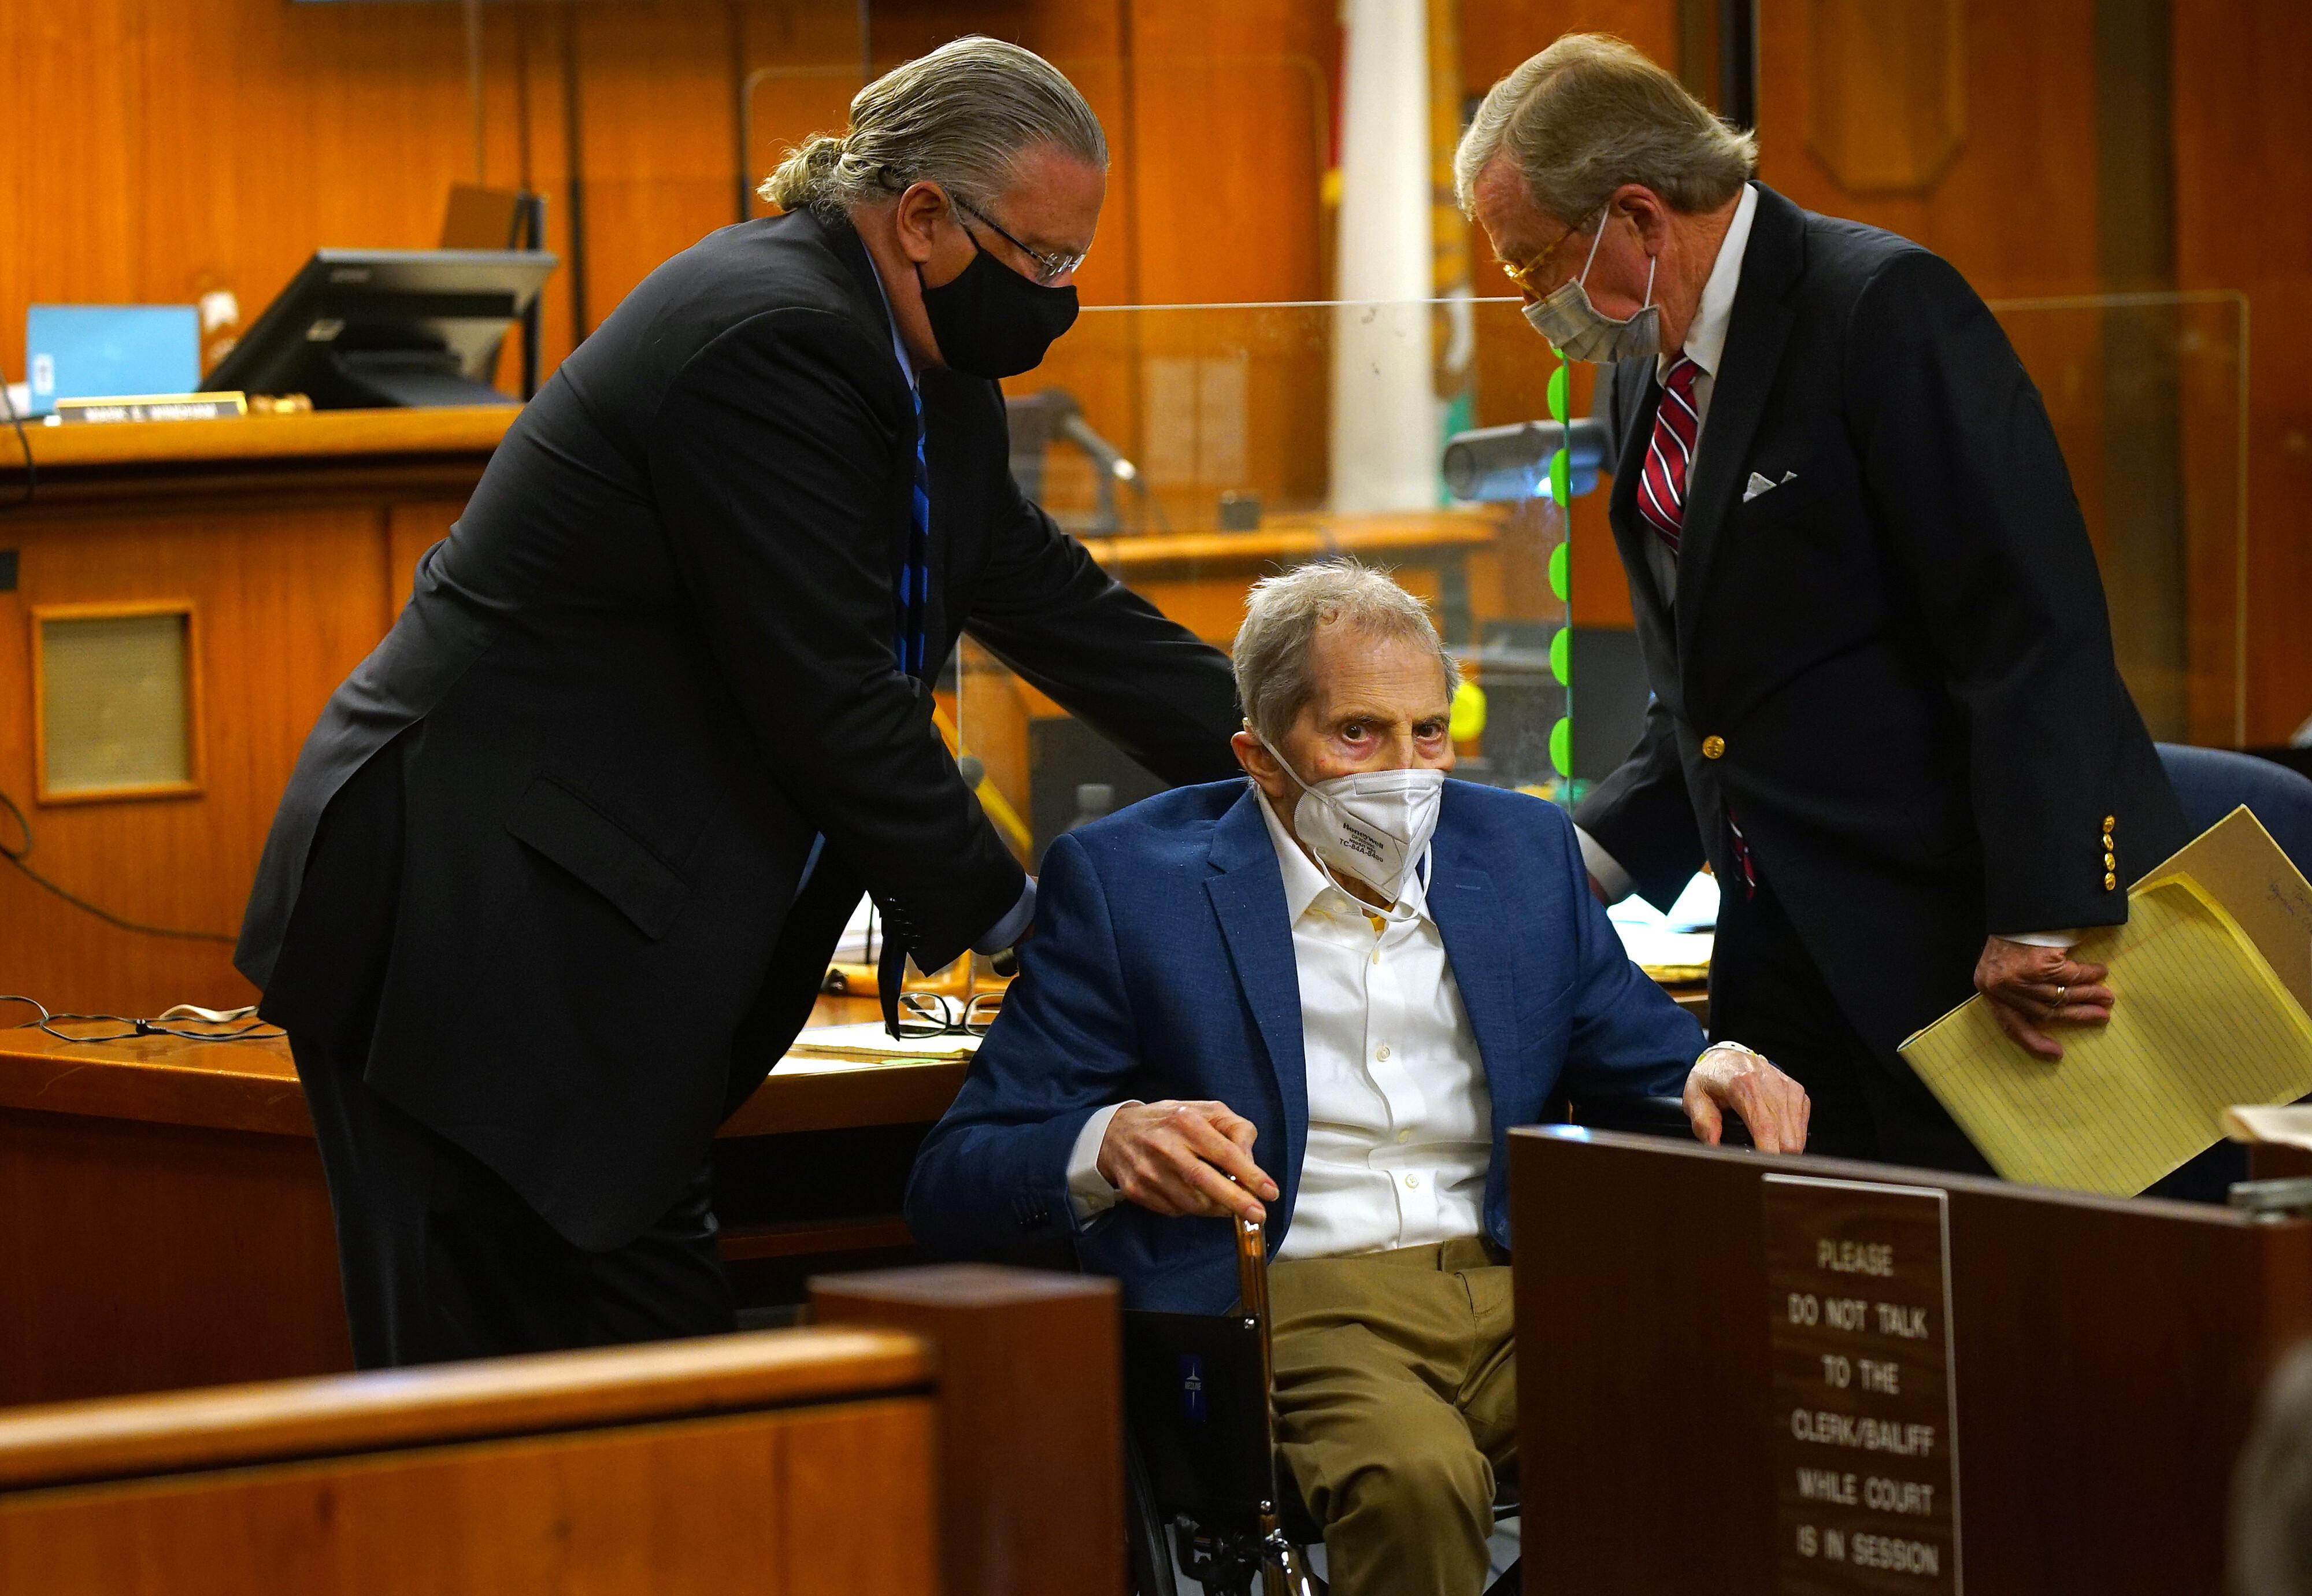 Murder trial of real estate tycoon Robert Durst in hands of Los Angeles jury